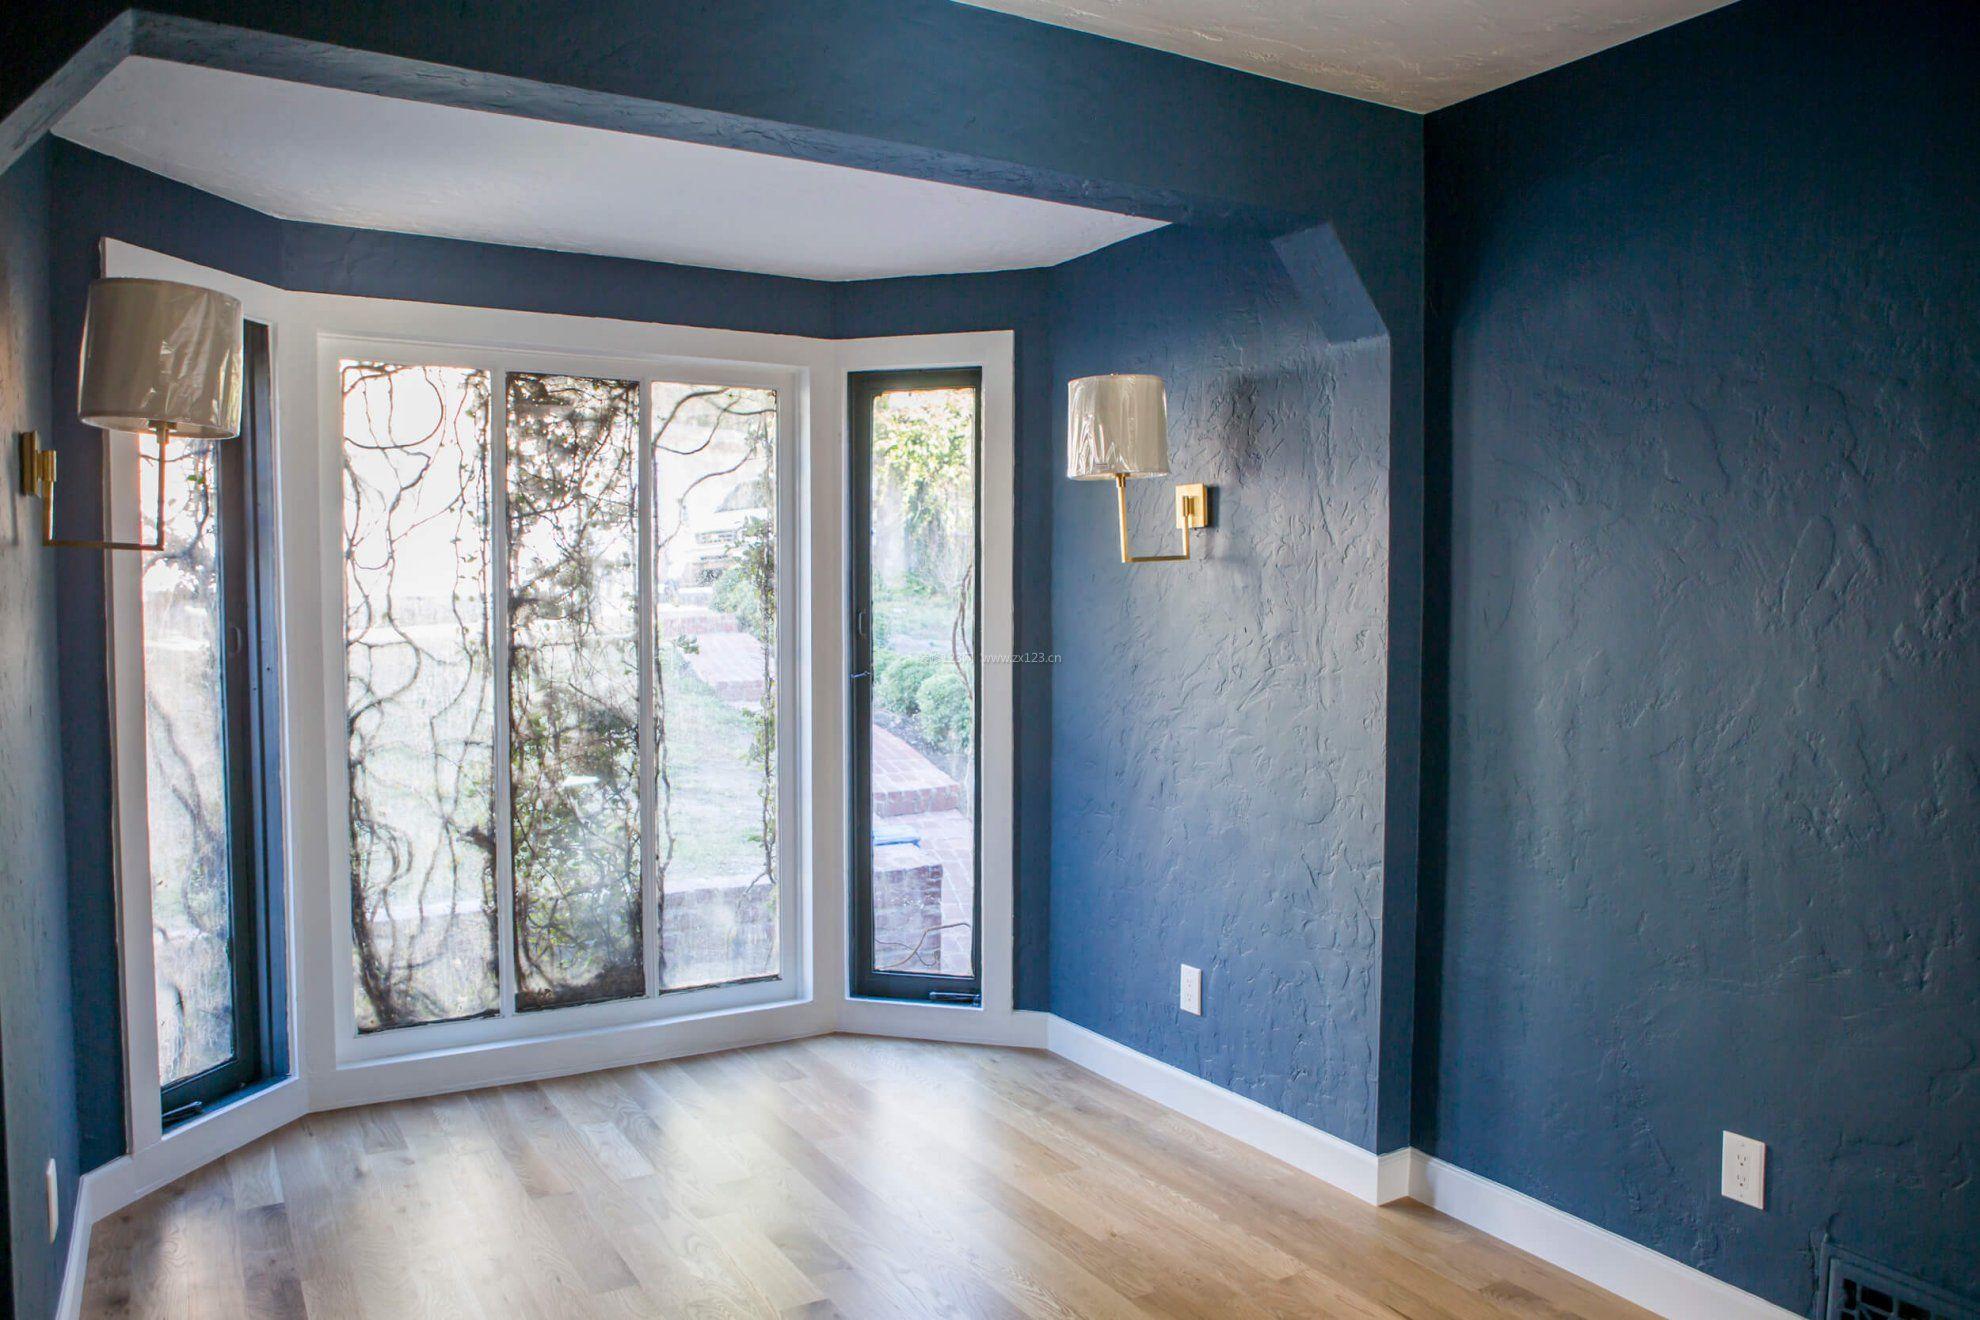 家装效果图 墙面 复式楼彩色墙面漆装修效果图片 提供者:   ←